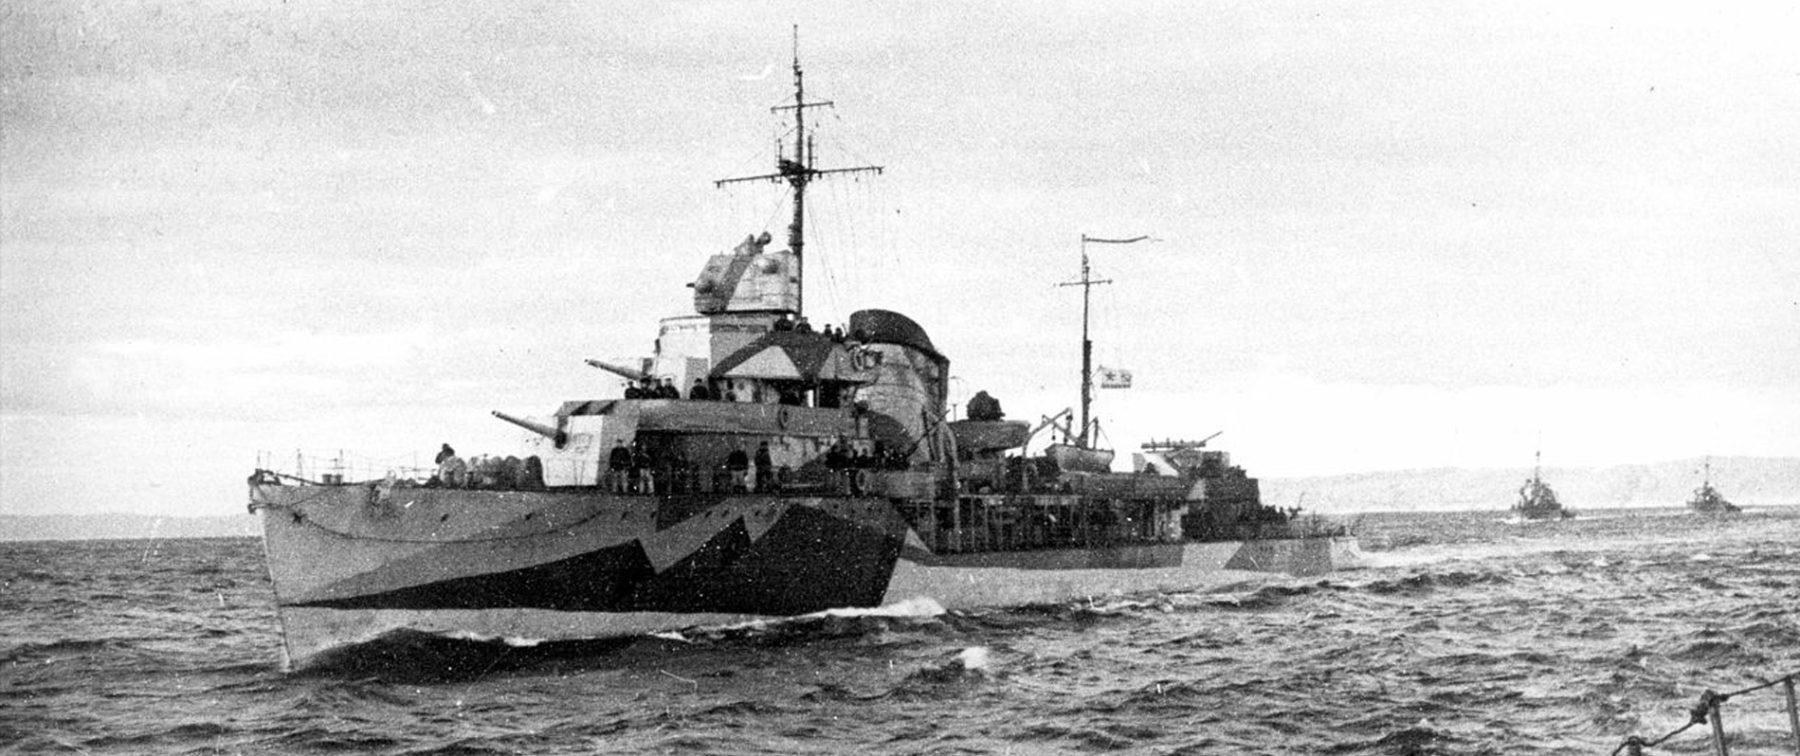 Groznyy-1942-HD.jpg